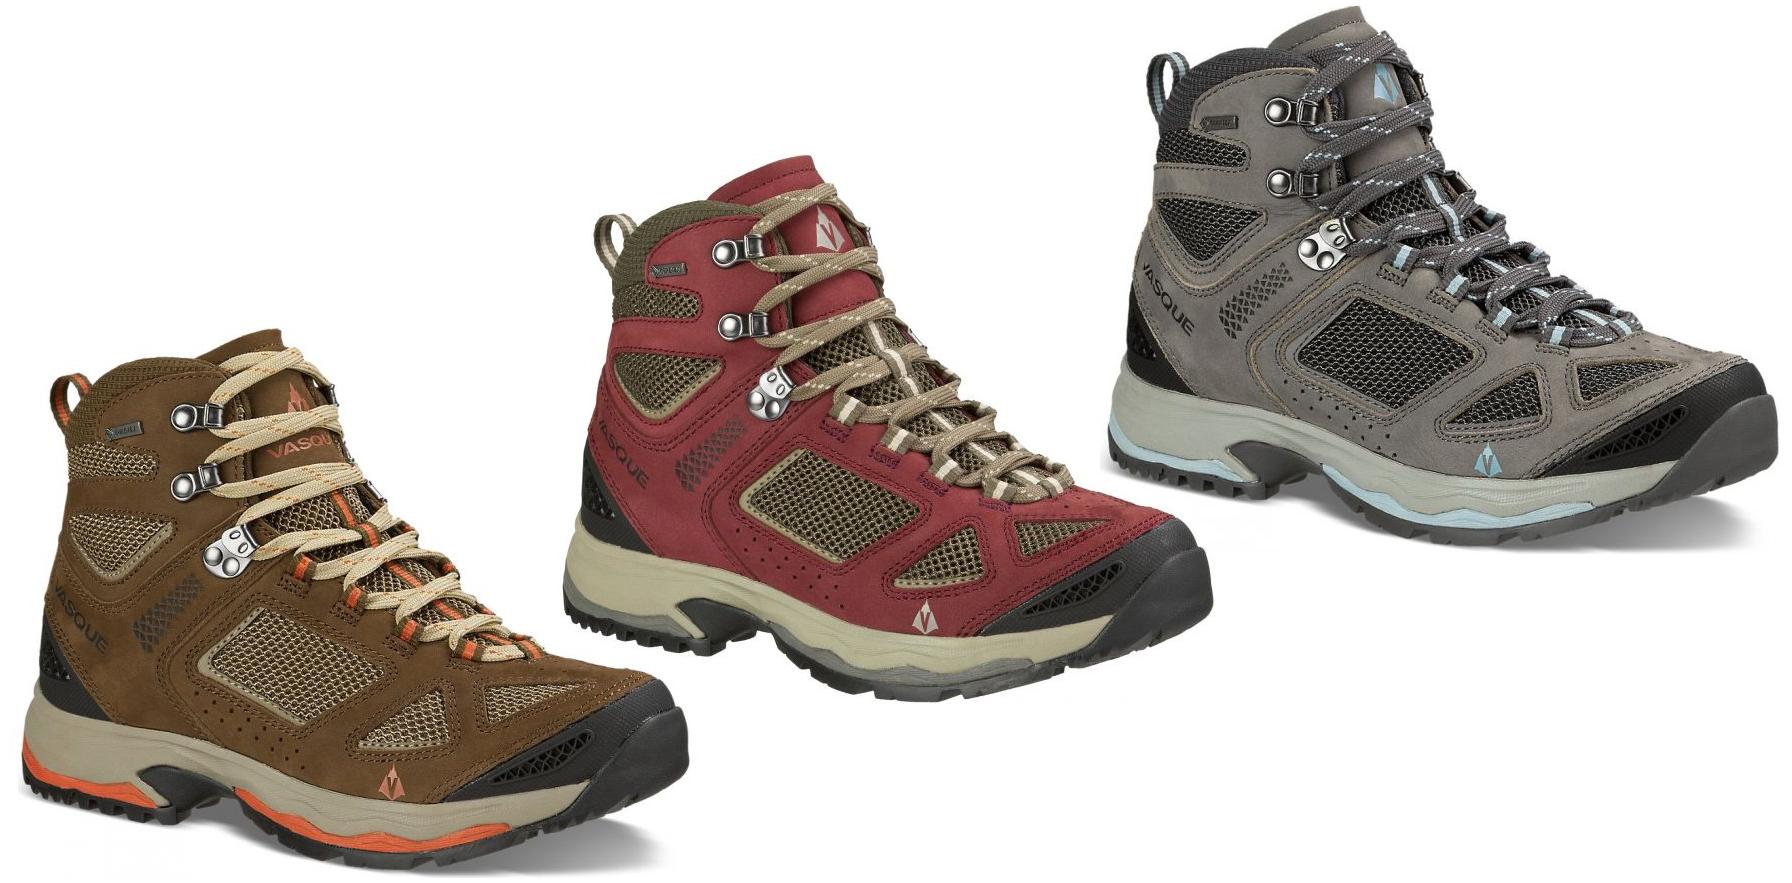 8c7ca8c38b0 Vasque Breeze III GTX Hiking Boot - Women s